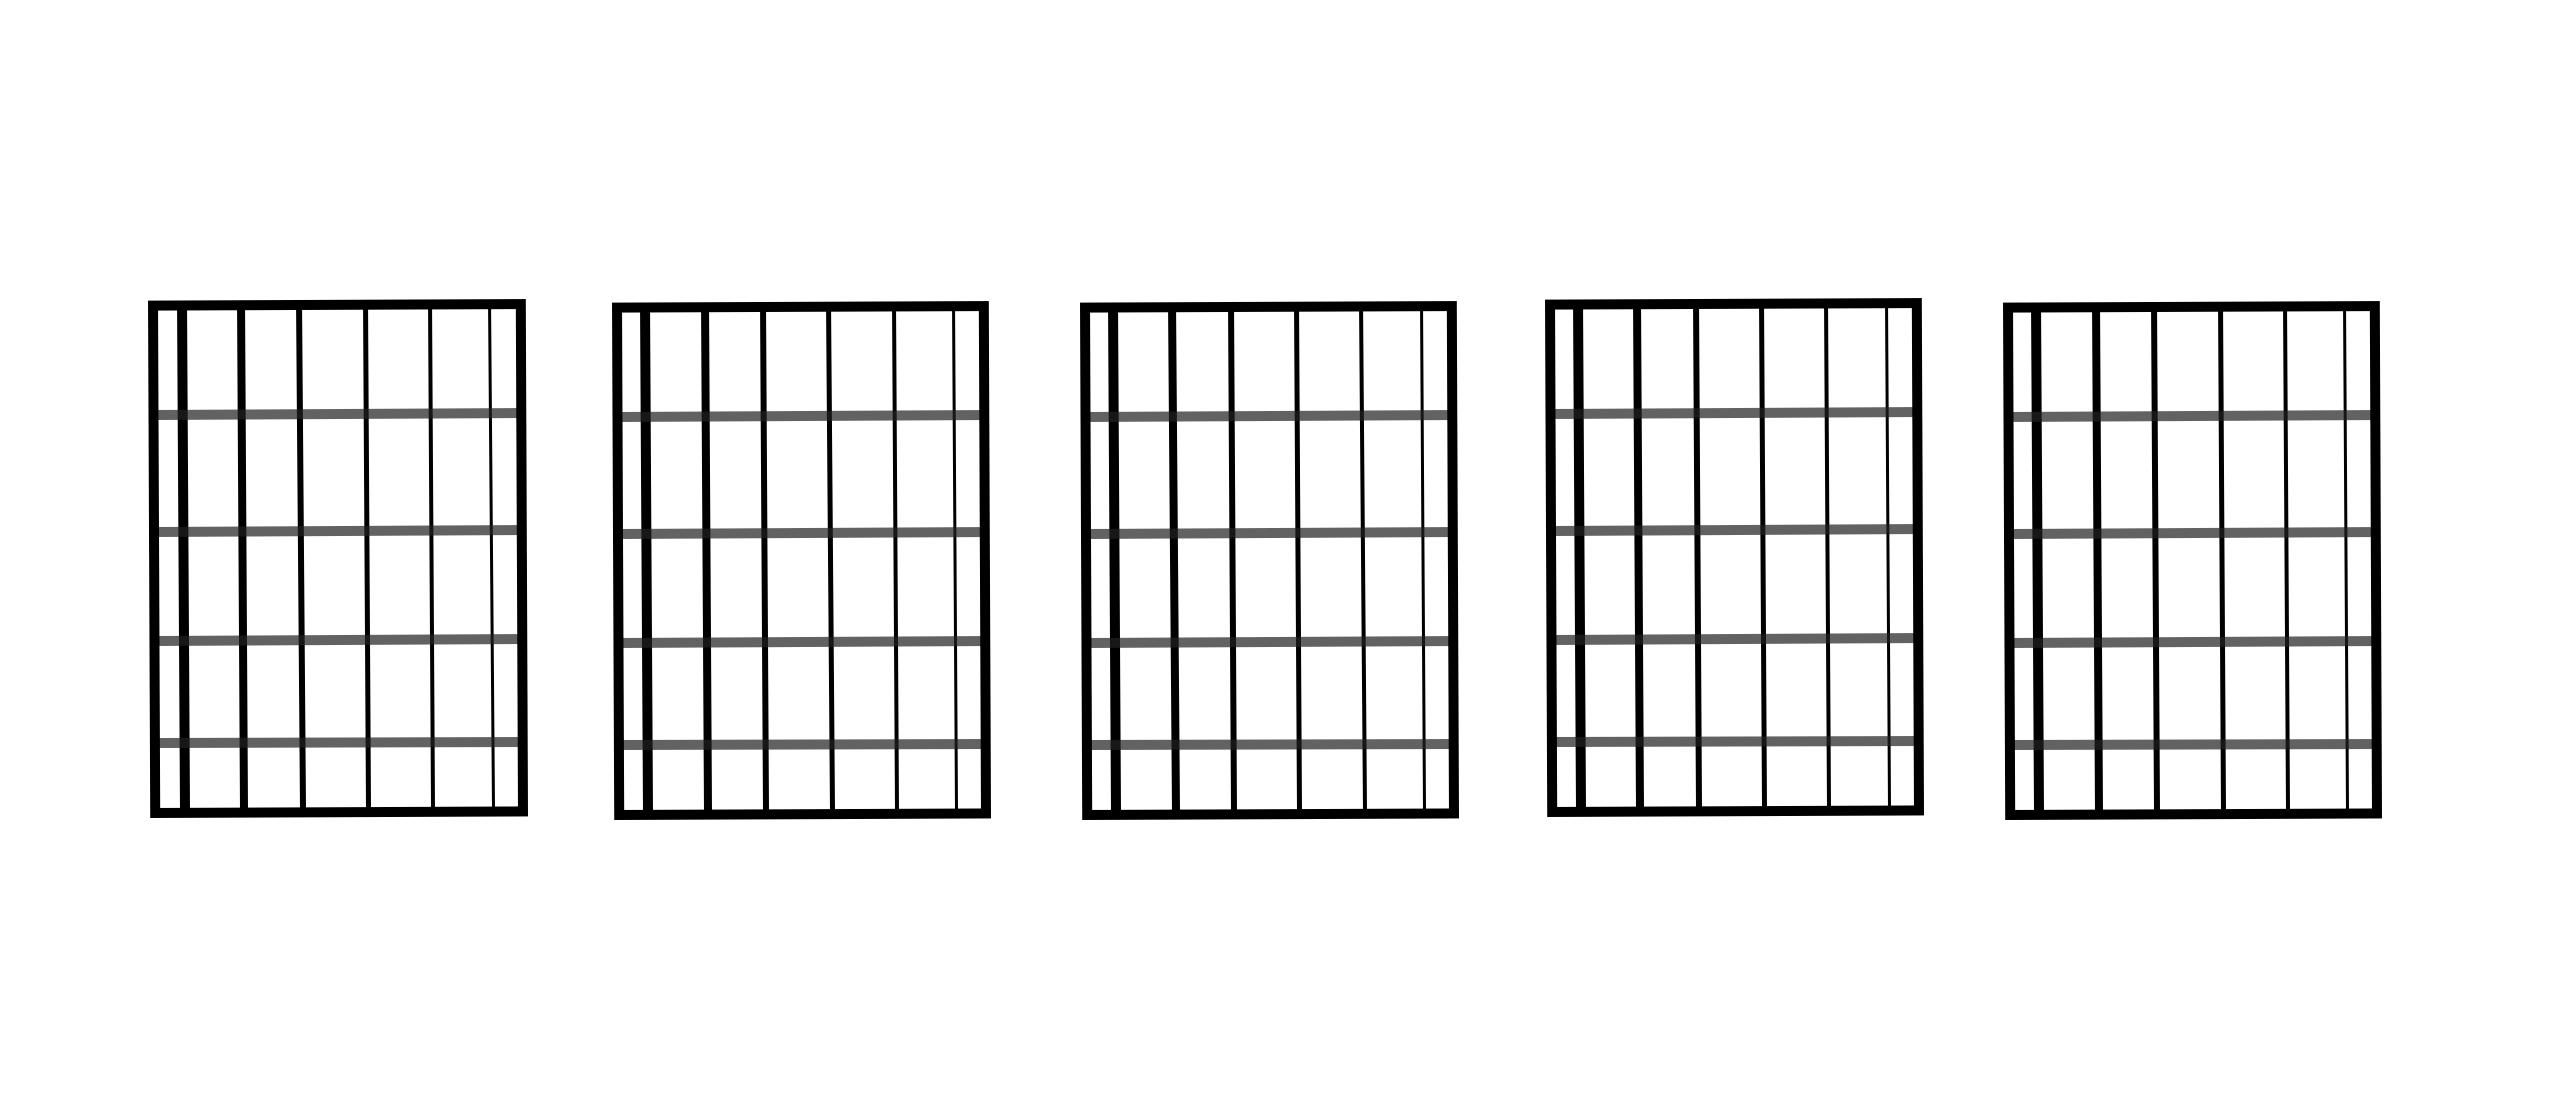 Printable Guitar Sheets | Hub Guitar | Hub Guitar